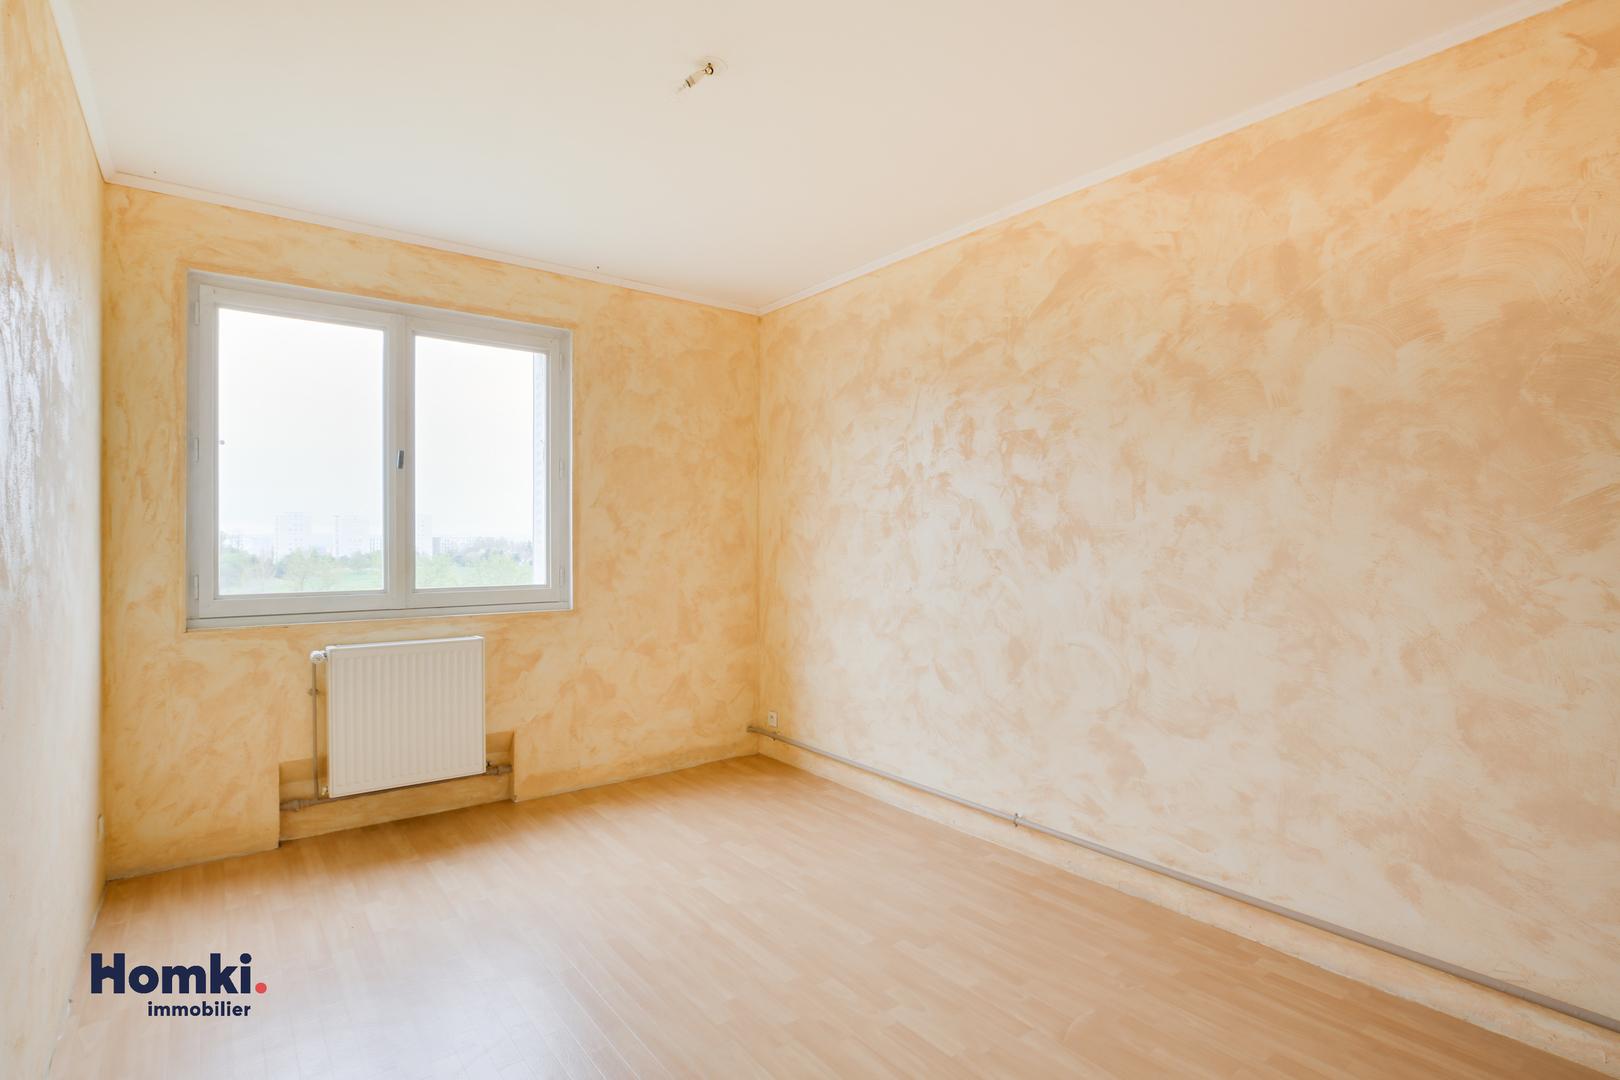 Vente appartement 75m² T4 69800_ 10